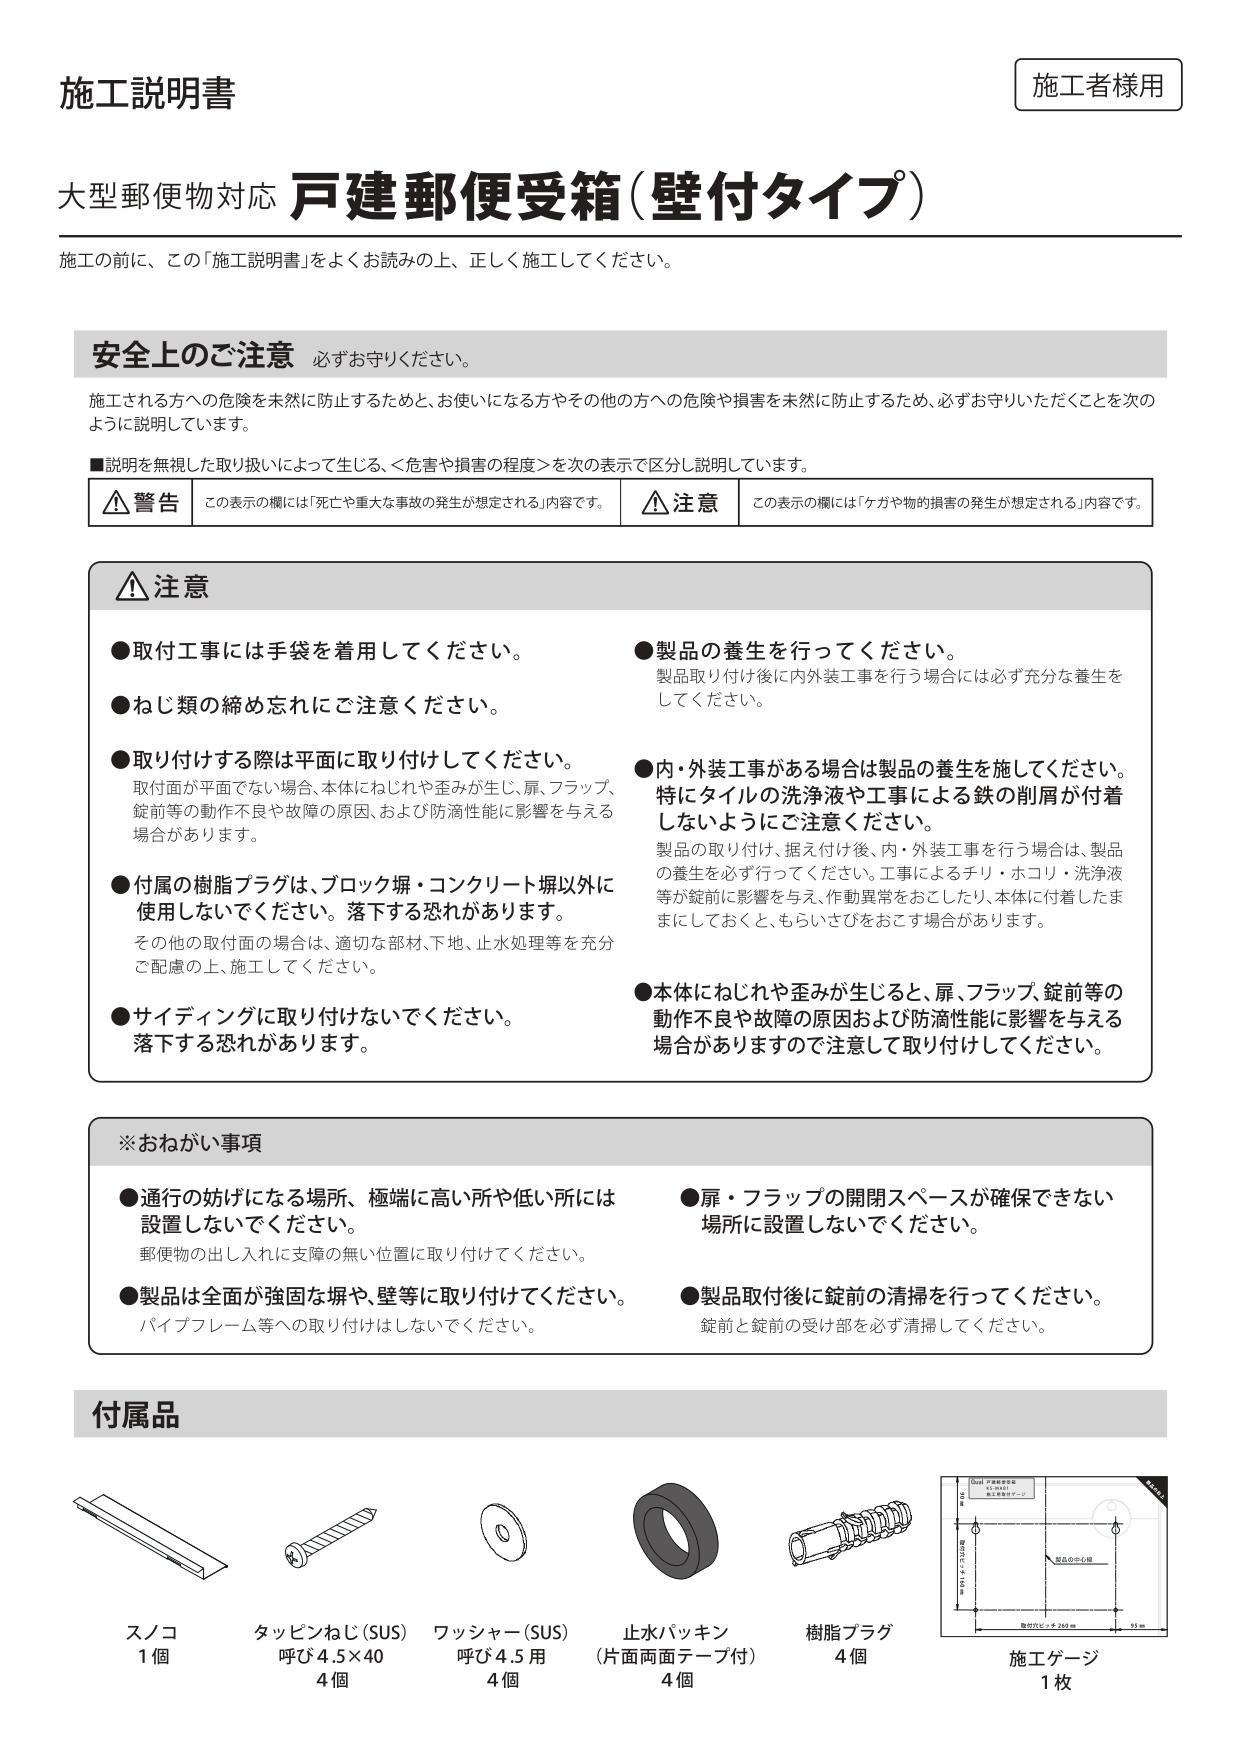 クオール壁付タイプ大型郵便物対応 施工説明書_page-0001